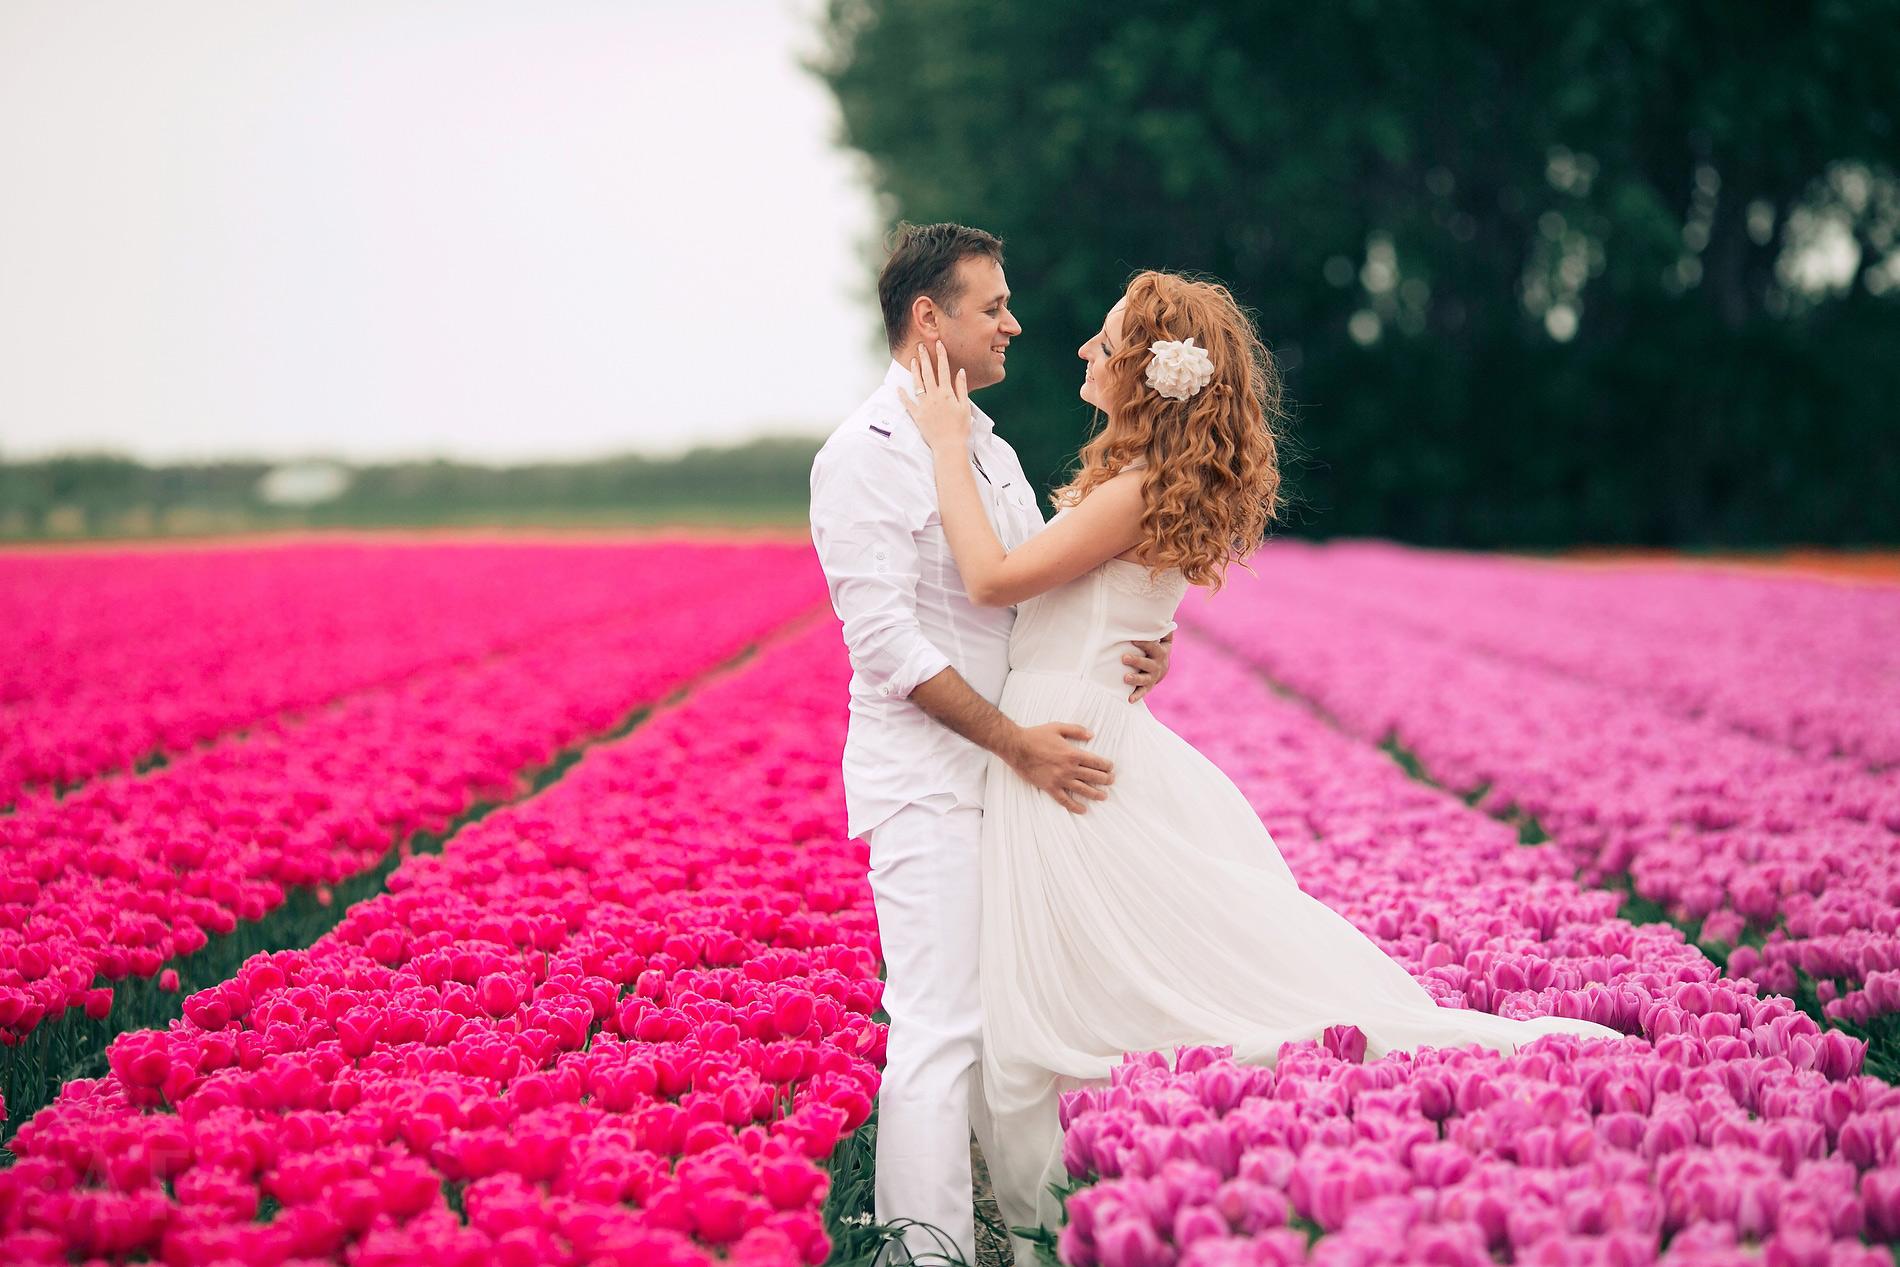 Свадьба в Голландии - способ получения ВНЖ